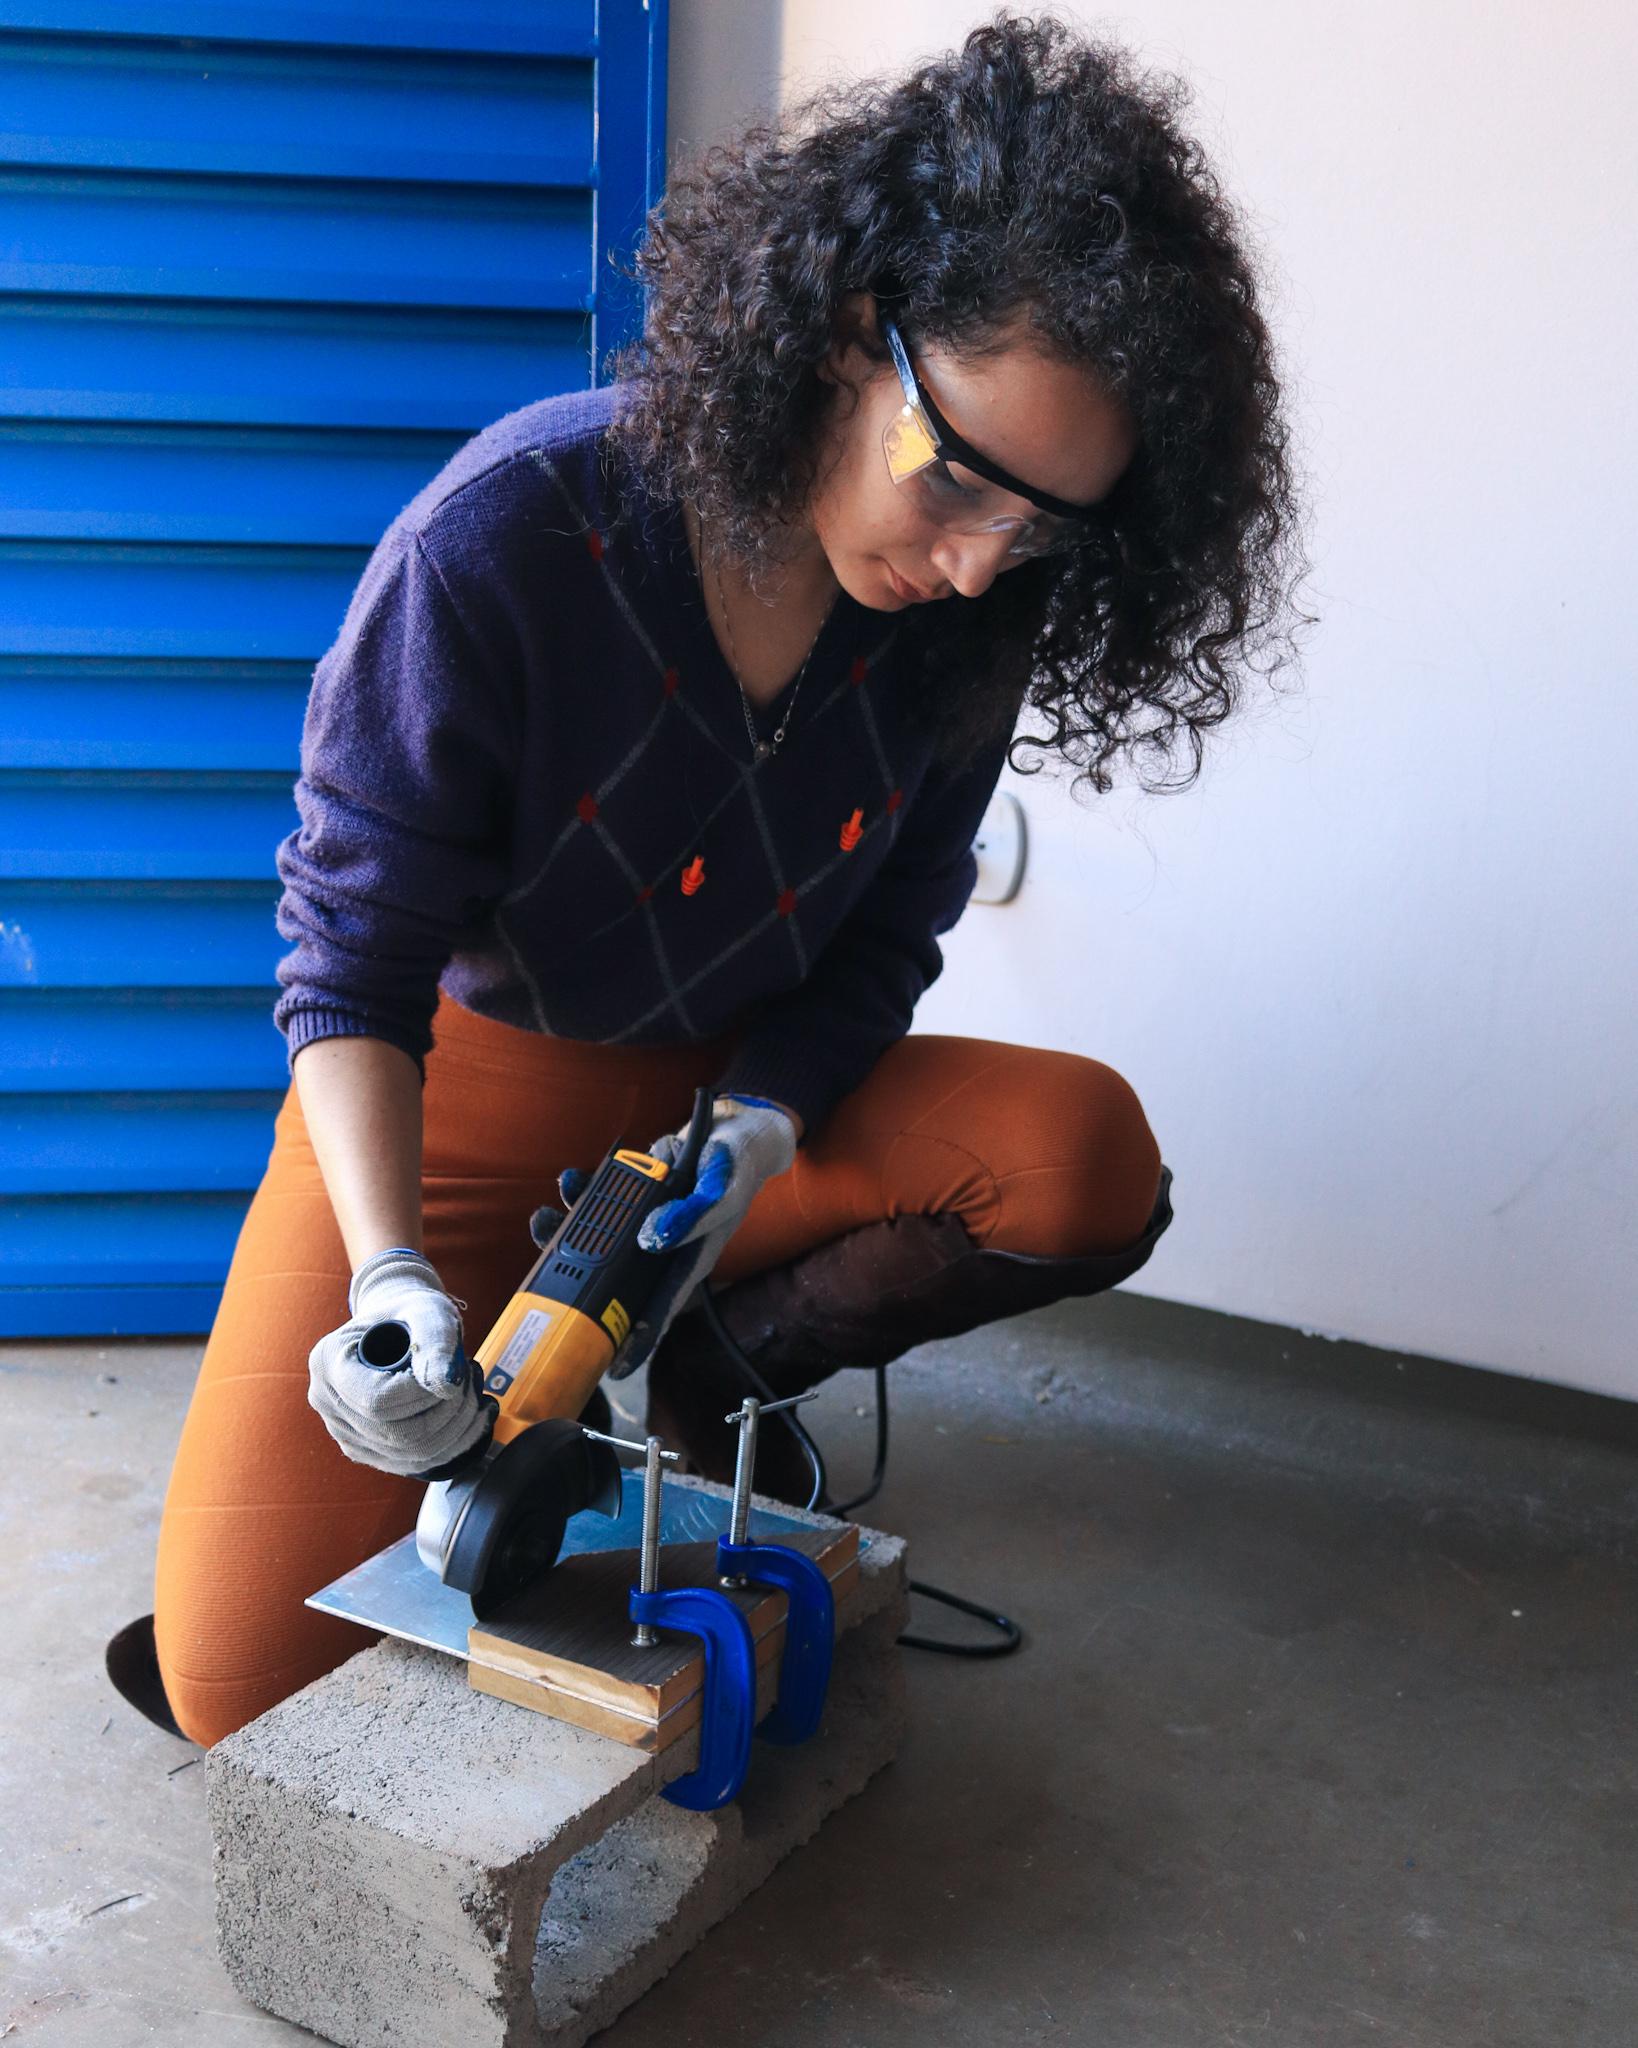 Jovem usa serra manual para cortar um pedaço de metal